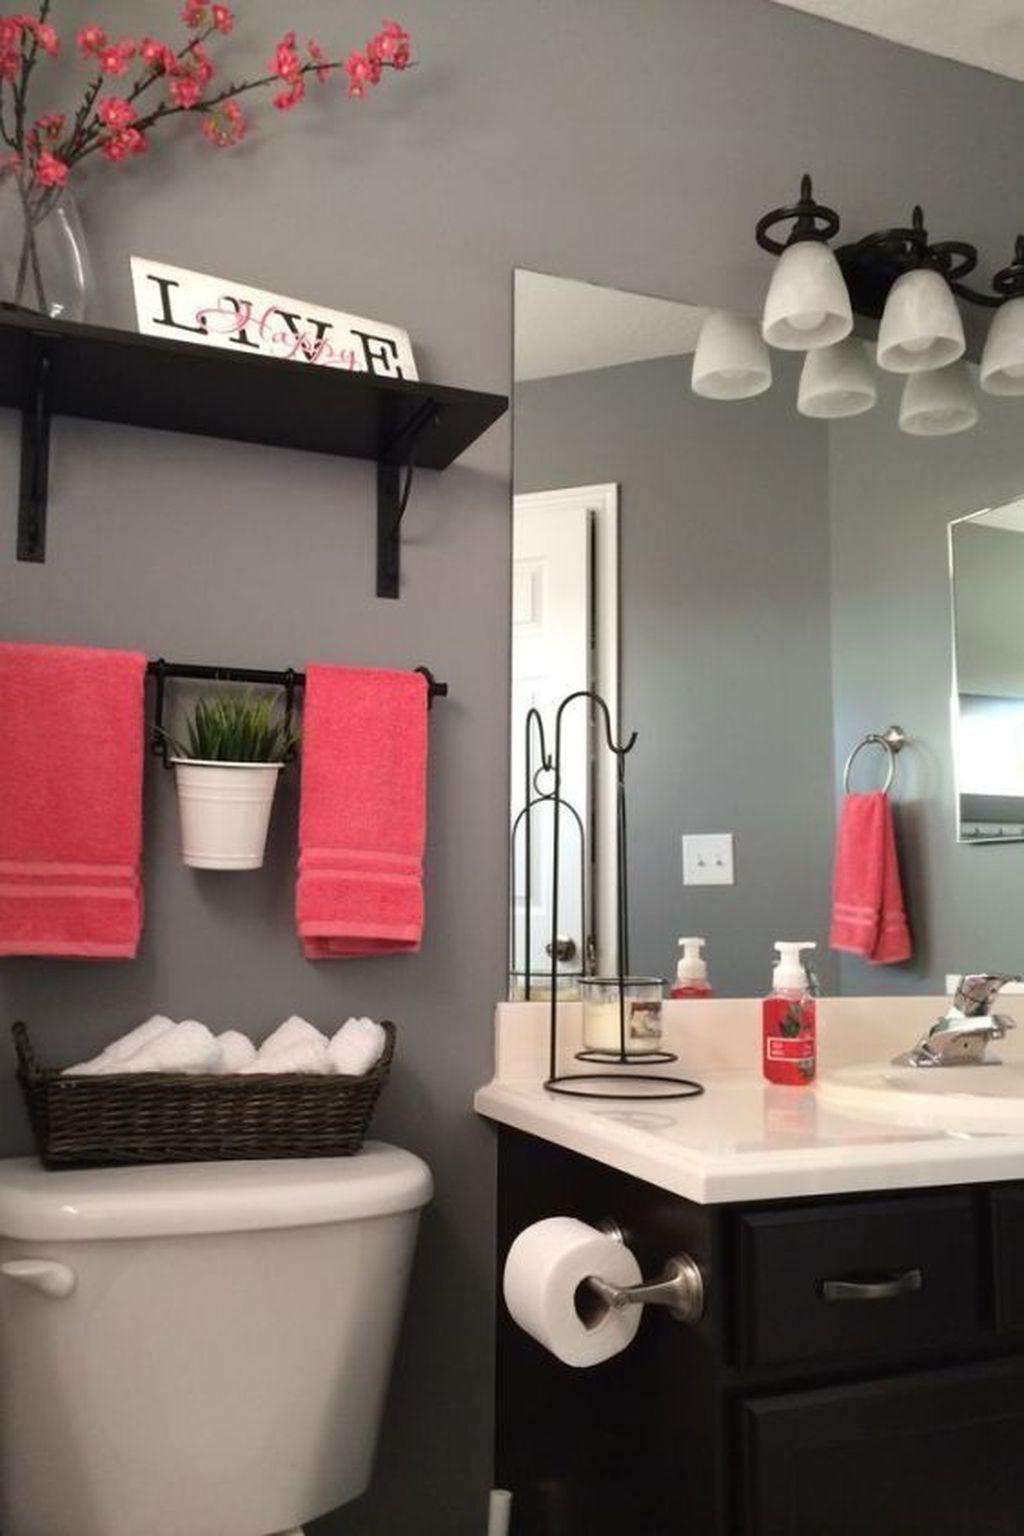 Adorable 30 Cozy Coral Color Ideas For Bathroom Best Bathroom Colors Small Bathroom Decor Bathroom Color Schemes Grey decor for bathroom